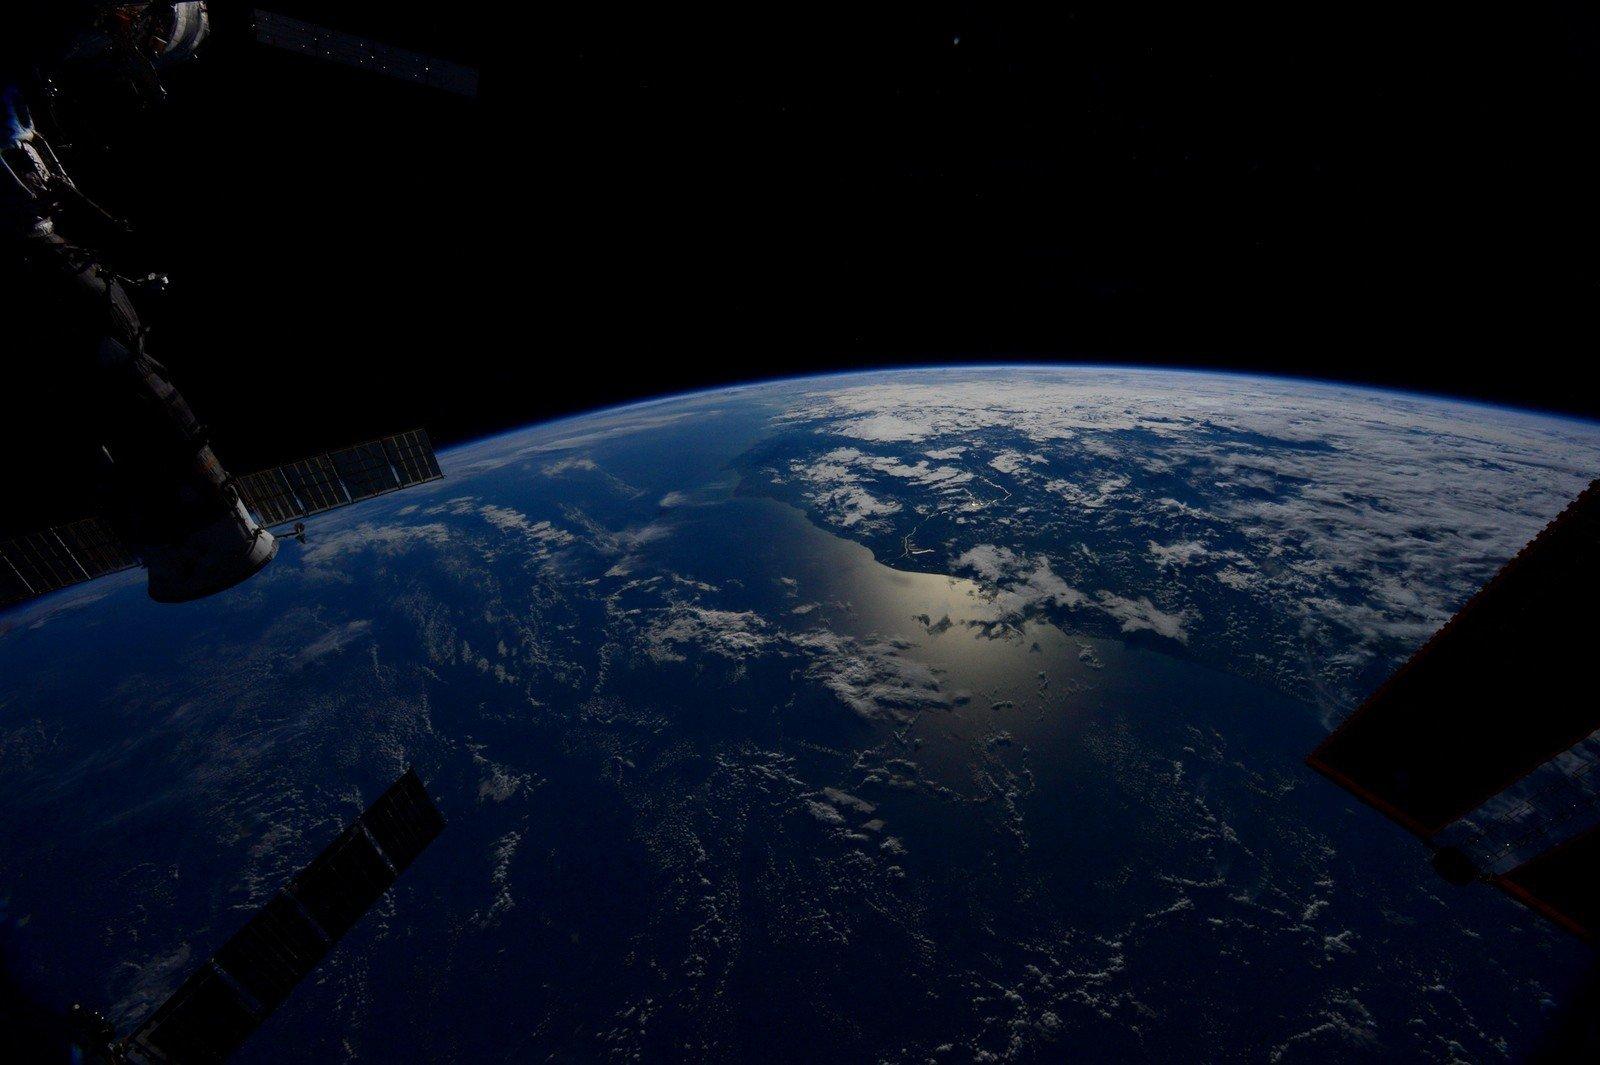 цветок фото земли из космоса американским астронавтом восстановления